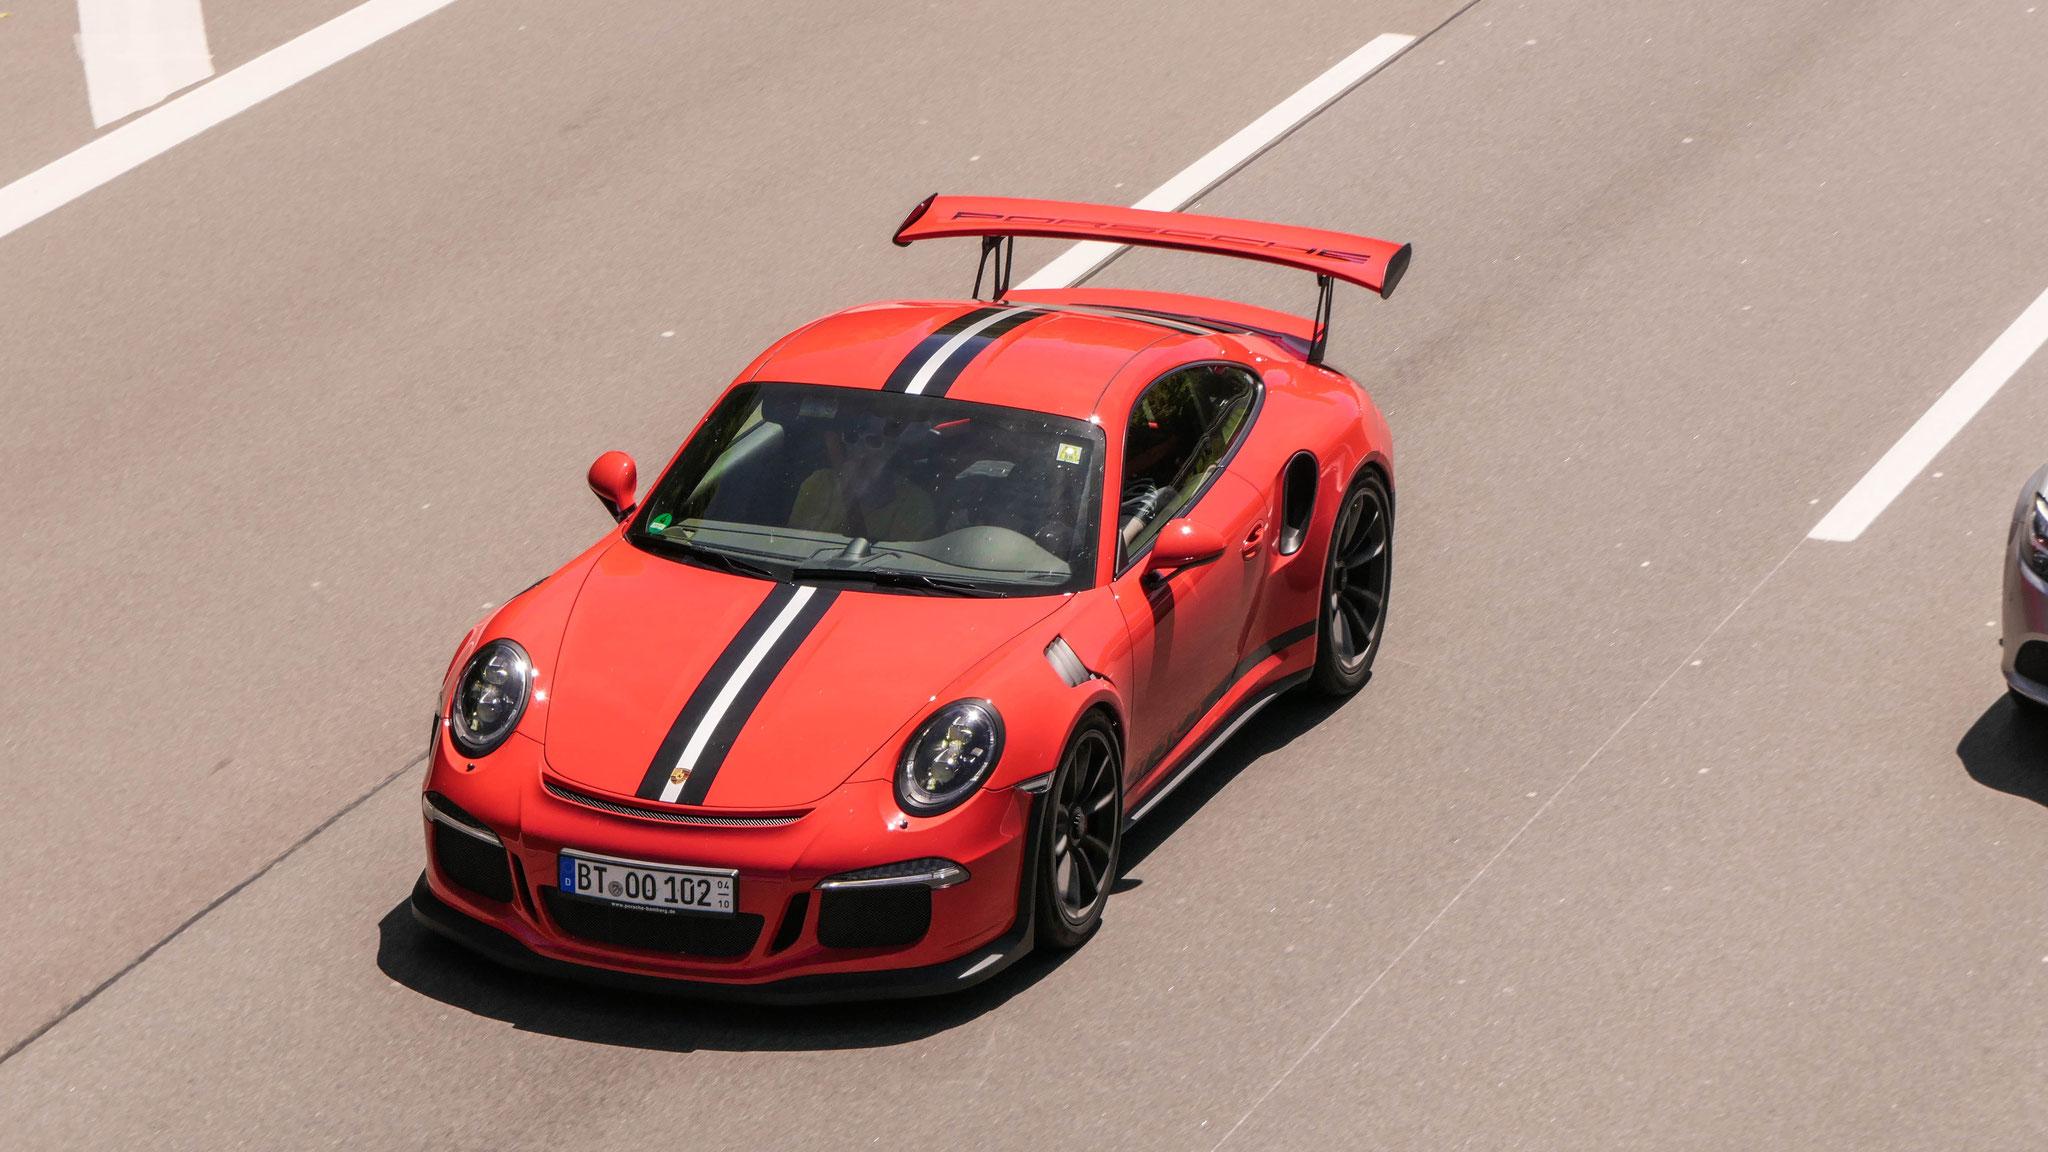 Porsche 911 GT3 RS - BT-OO-102